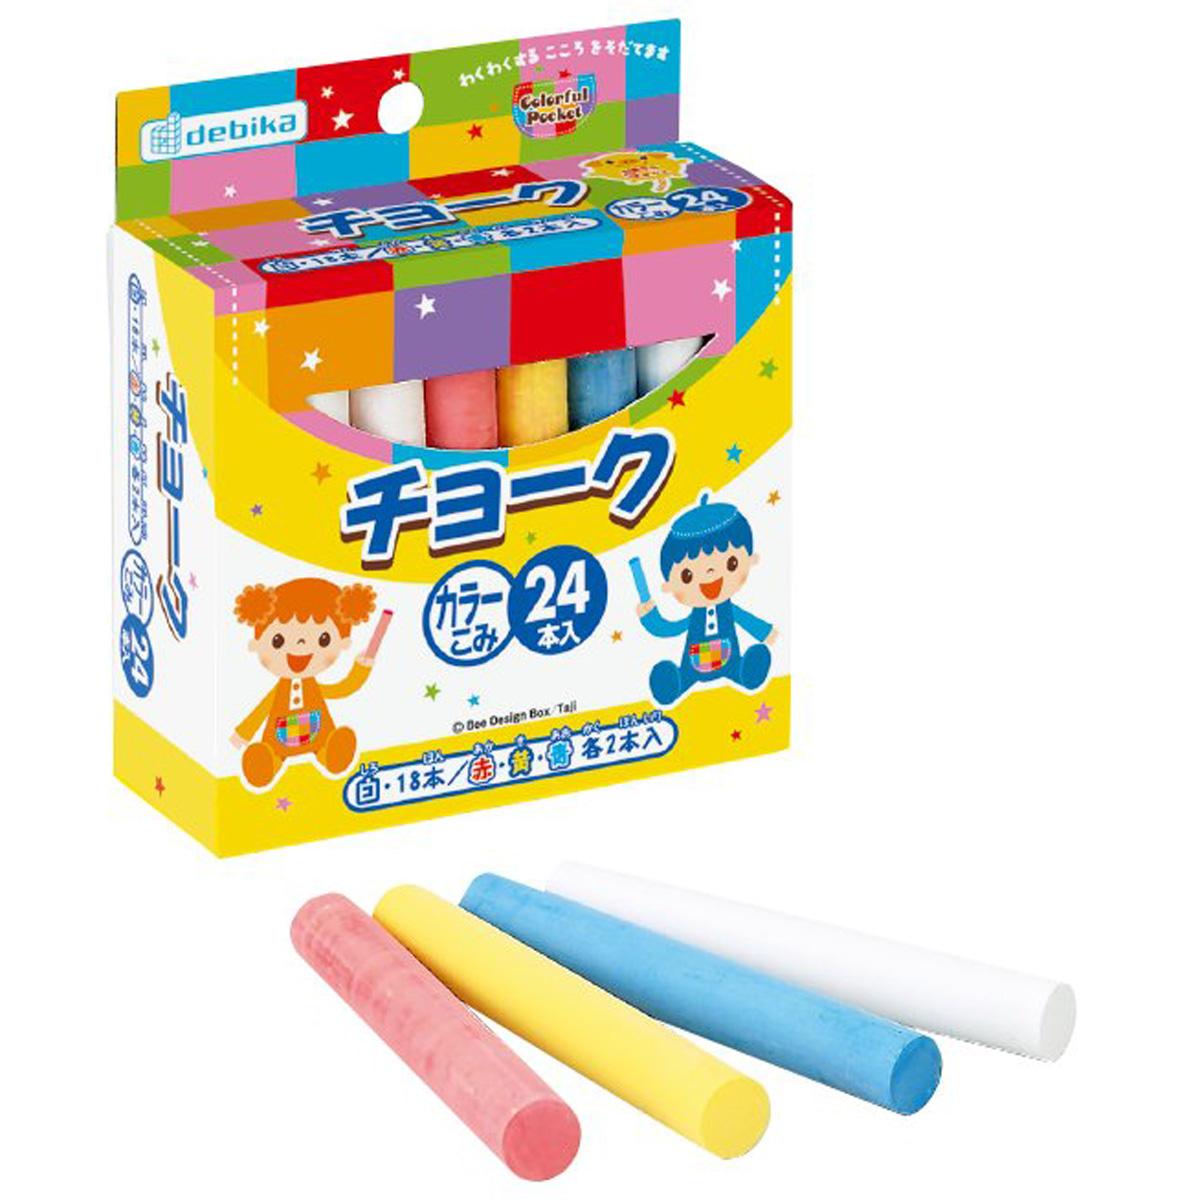 チョーク 24本入り 子供 おもちゃ 玩具 おえかき デビカ 学習用